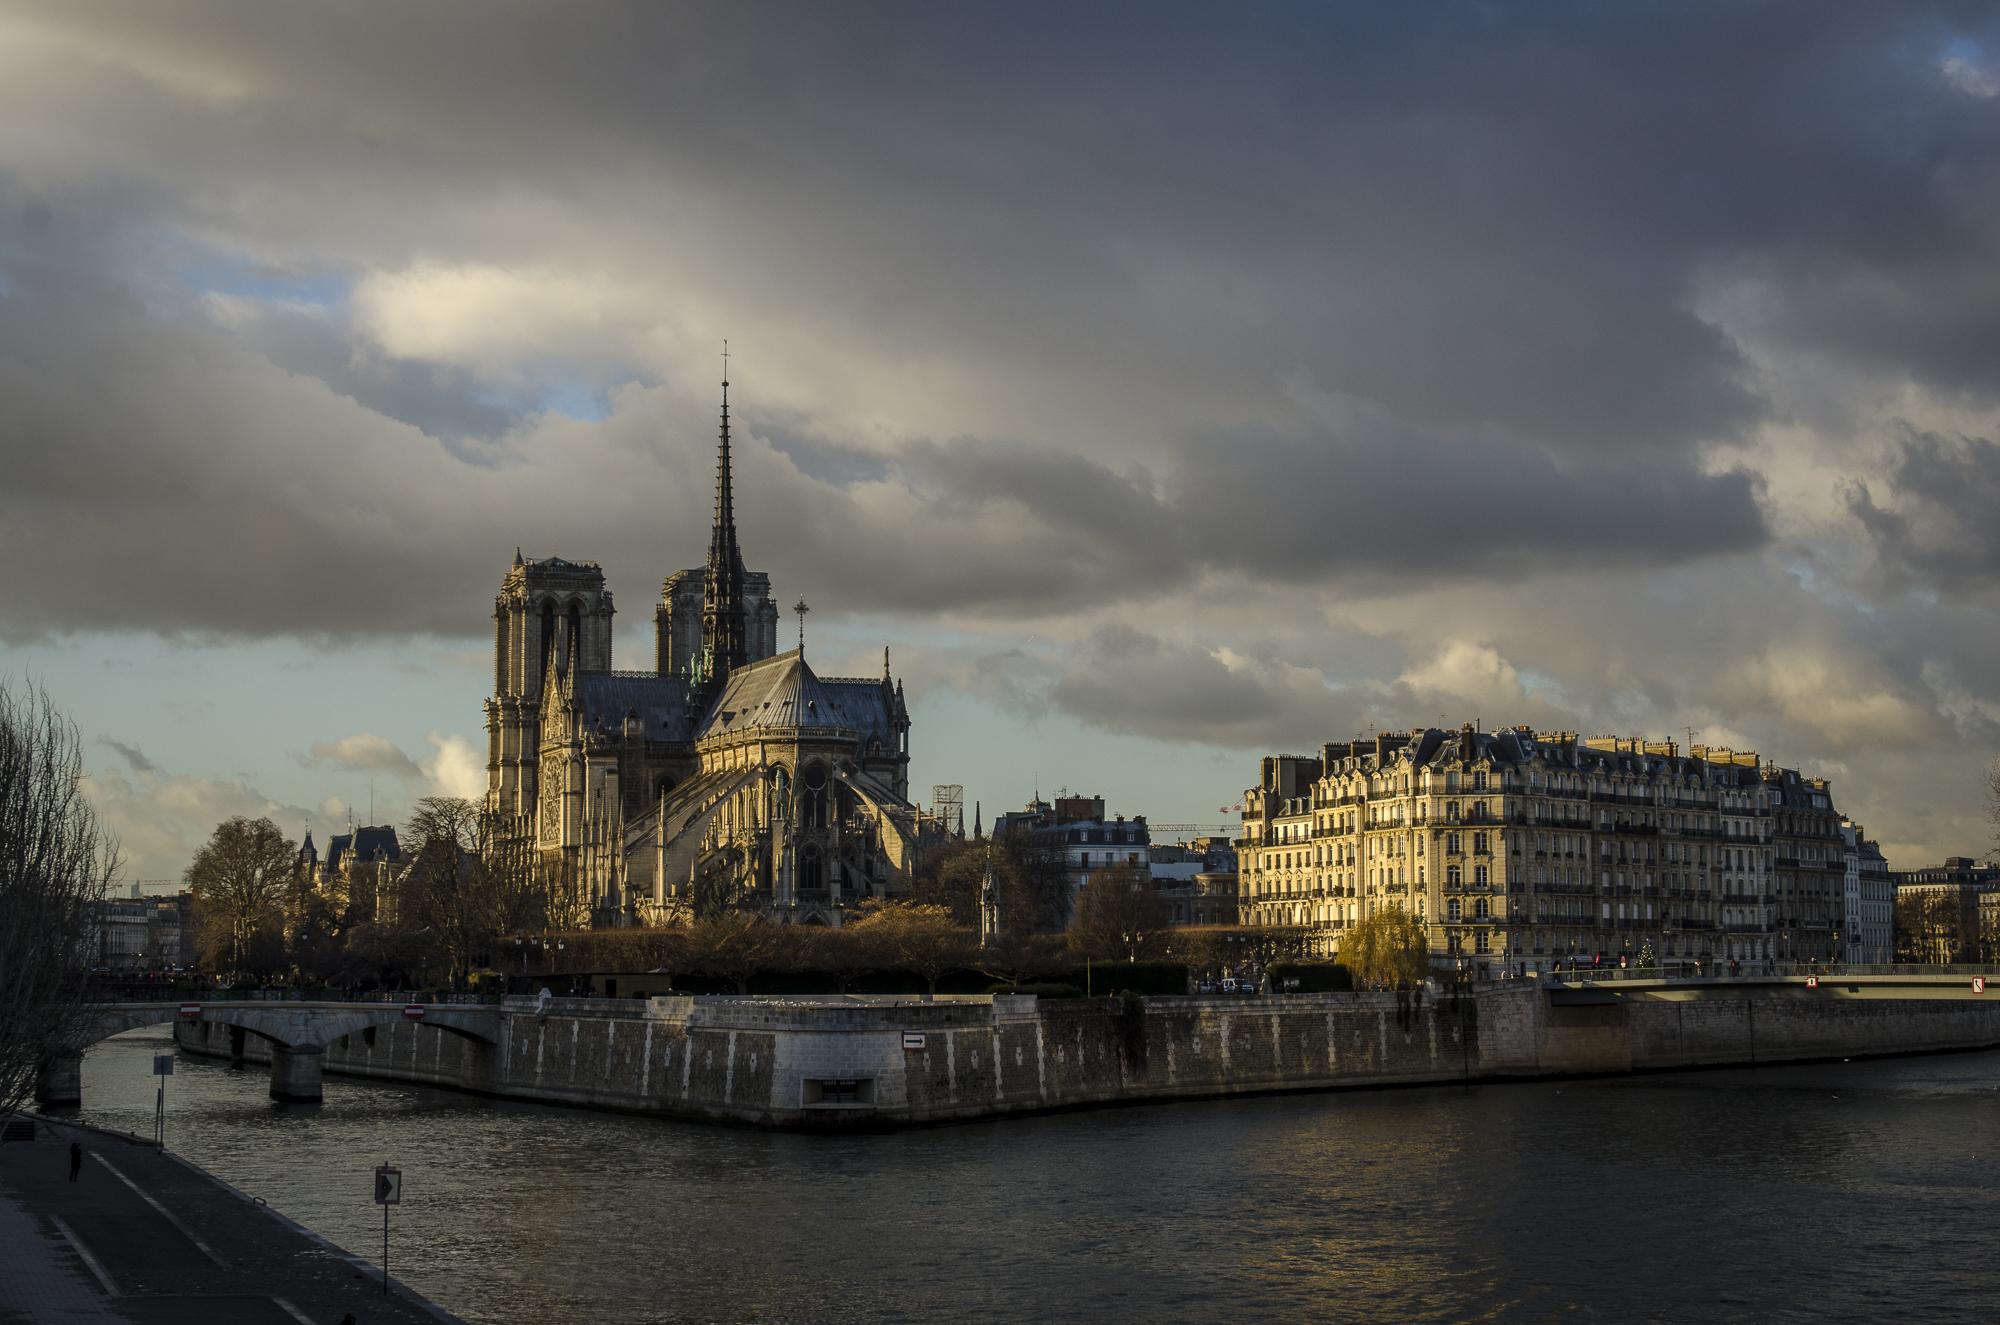 Pont de la Tournelle  PHOTOGRAPHY : ALEXANDER J.E. BRADLEY •Nikon D7000 • AF-S NIKKOR 24-70mm F/2.8G ED • 38MM • F/8 •1/250 •ISO 100